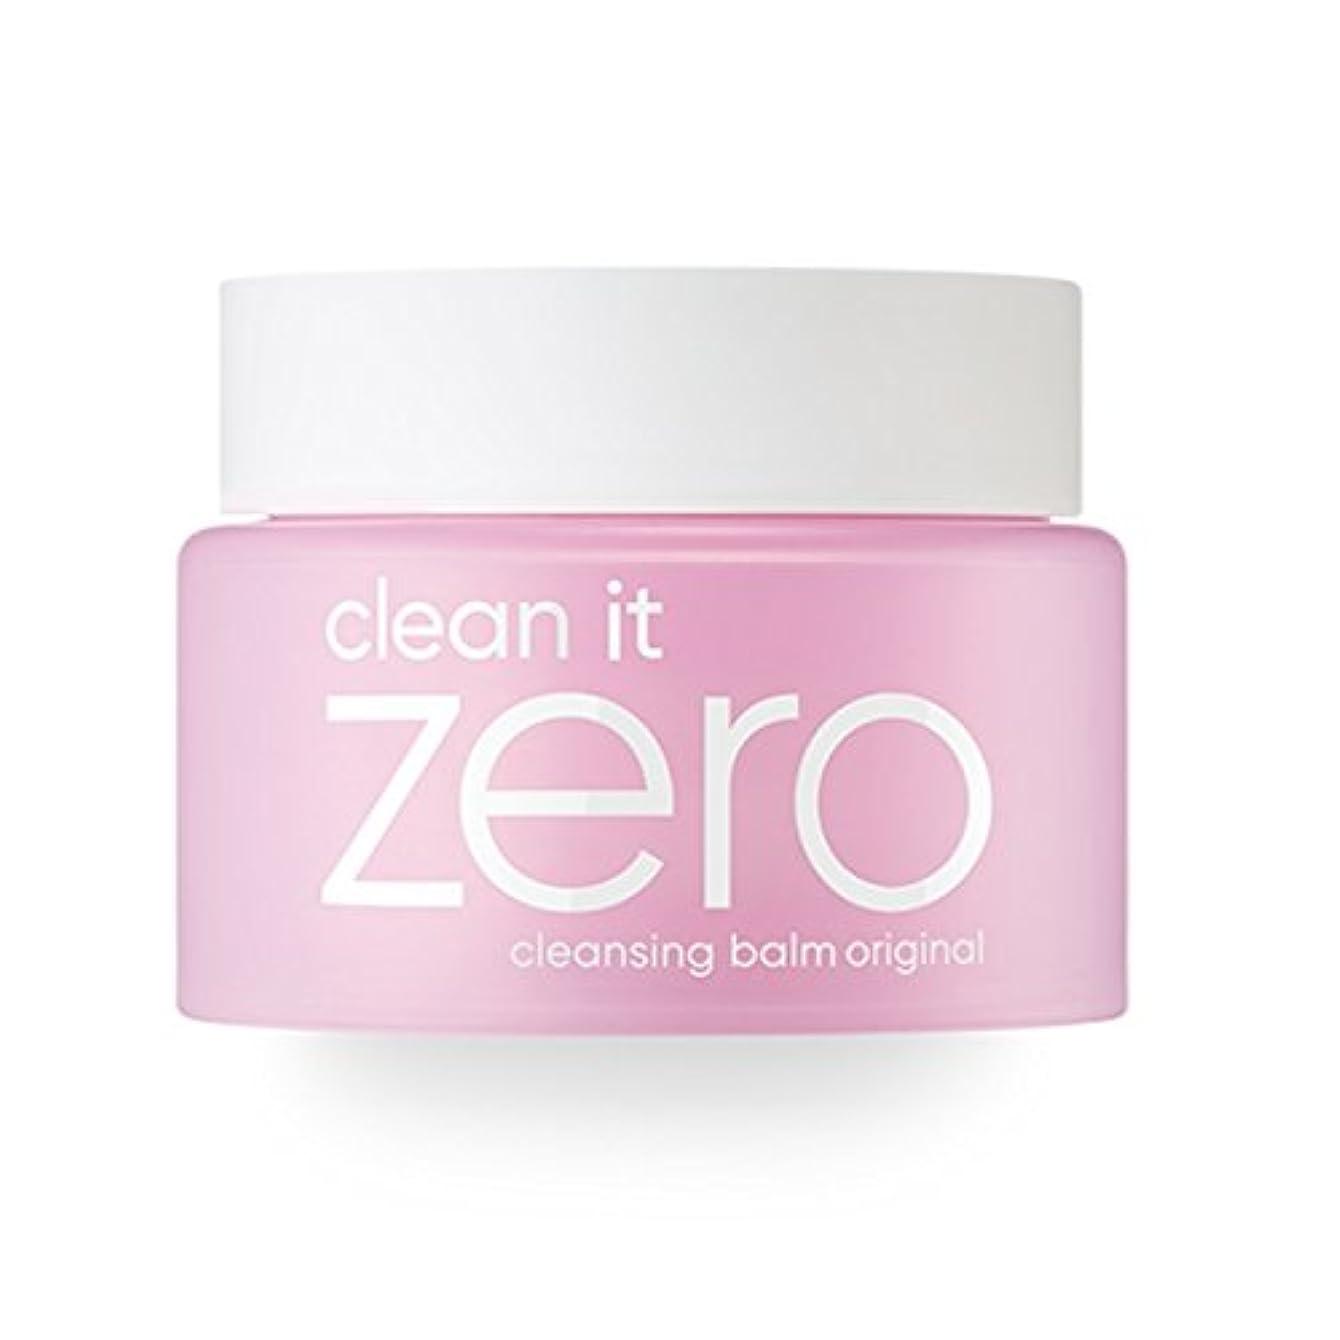 パイプ暗くする候補者Banila.co クリーン イット ゼロ クレンジングバーム オリジナル / Clean it Zero Cleansing Balm Original (100ml)